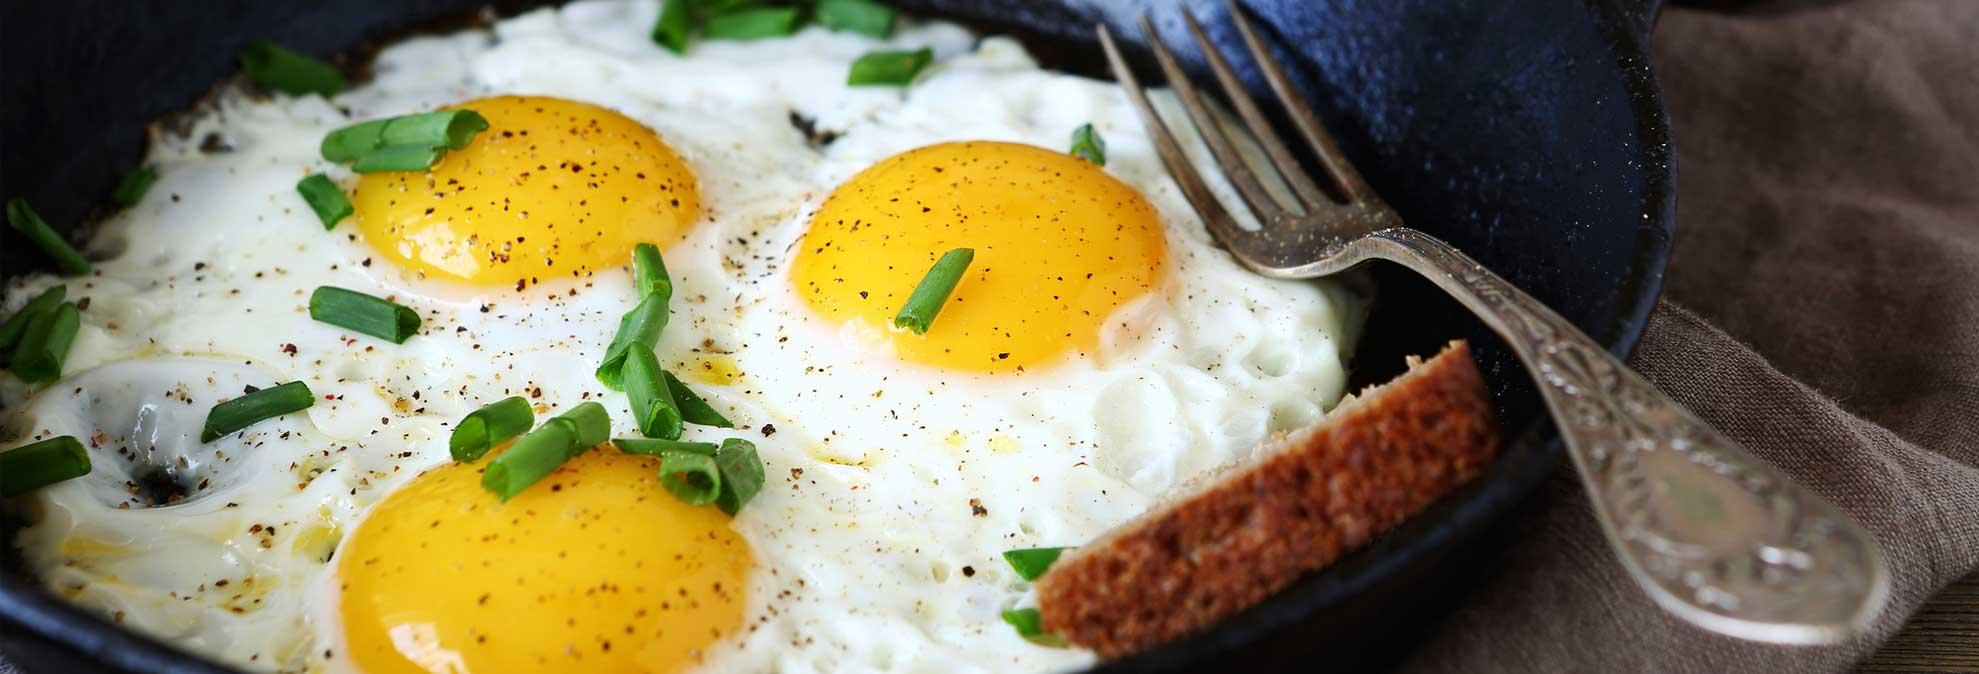 Is Cholesterol in Food Okay?